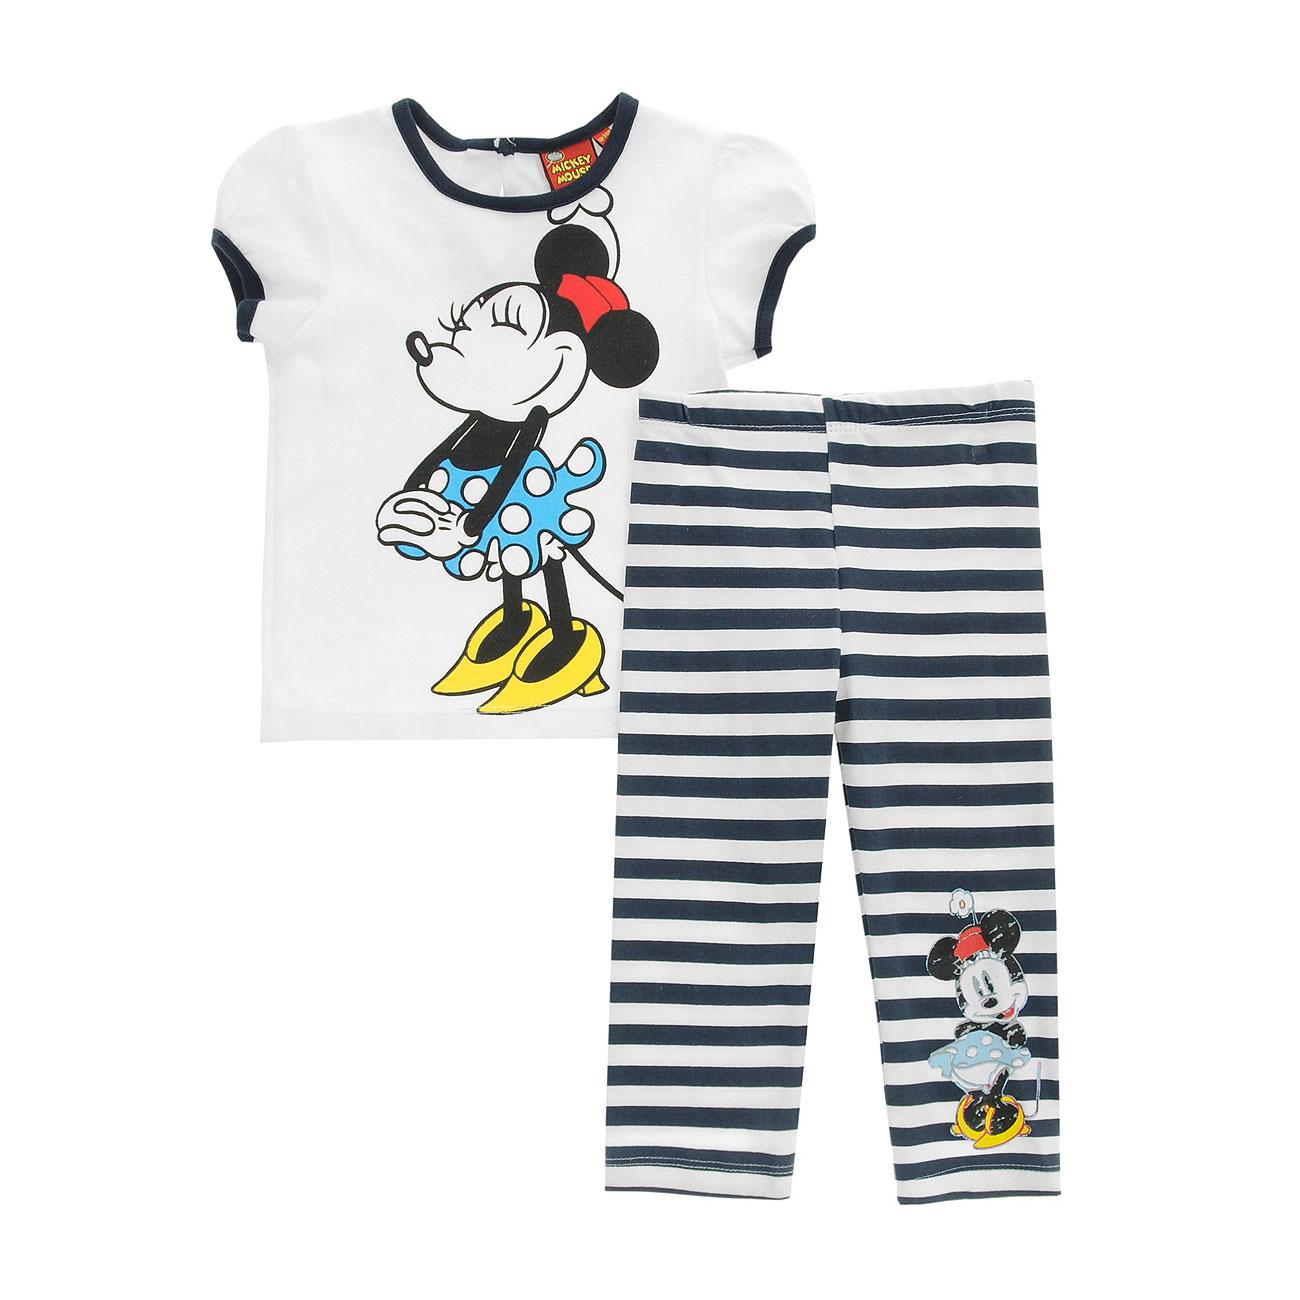 Комплект Дисней Минни футболка с коротким рукавом, штанишки в полоску, для девочки, белый 18 мес.